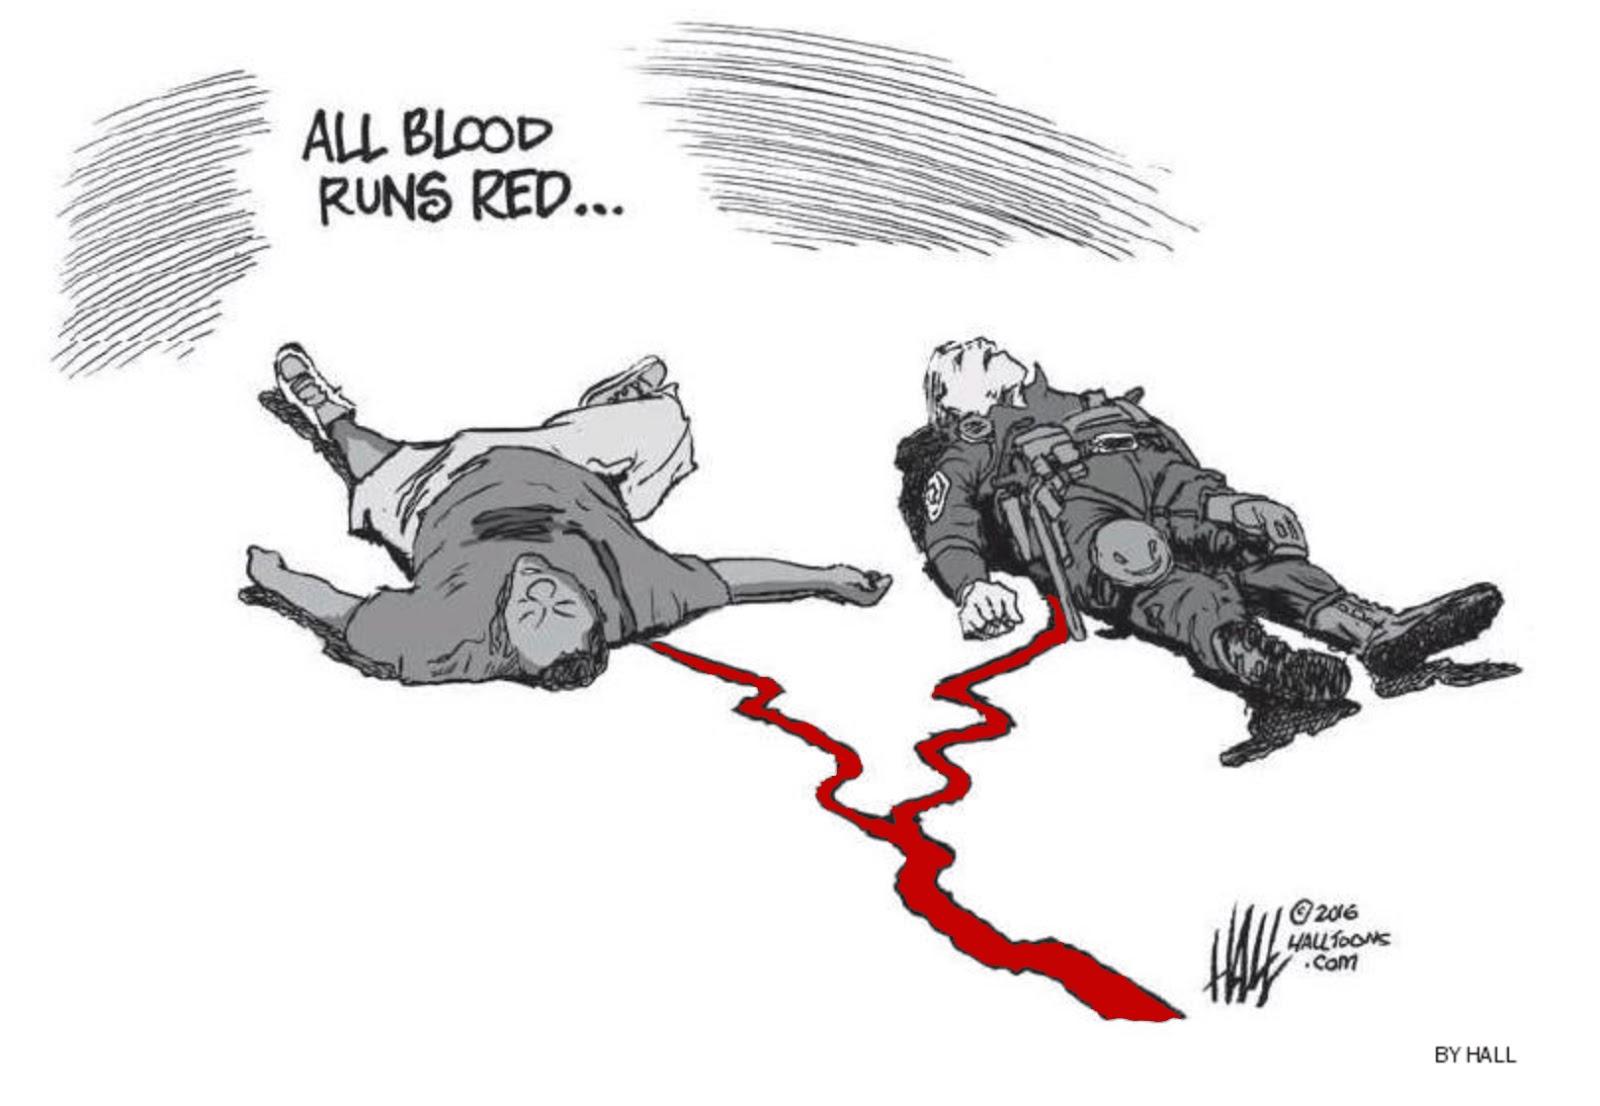 Statpics: All Blood Runs Red